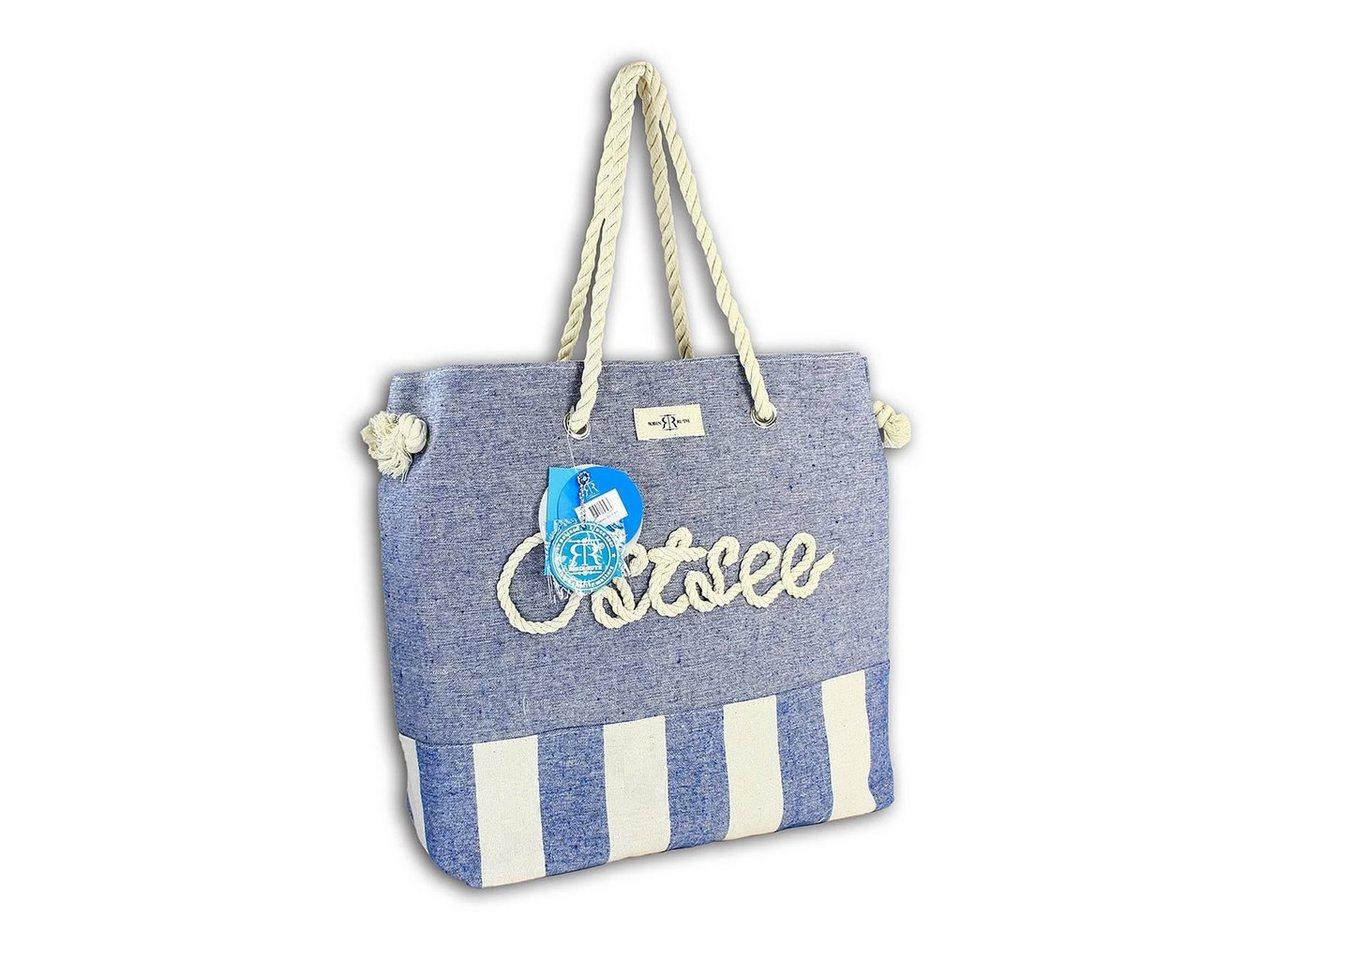 robin ruth -  Schultertasche »OTG2102B  Strandtasche Ostsee blau beige« (Strandtasche), Strandtasche, Schultertasche Baumwolle, Polyester, blau ca. 39cm x ca. 53,5cm